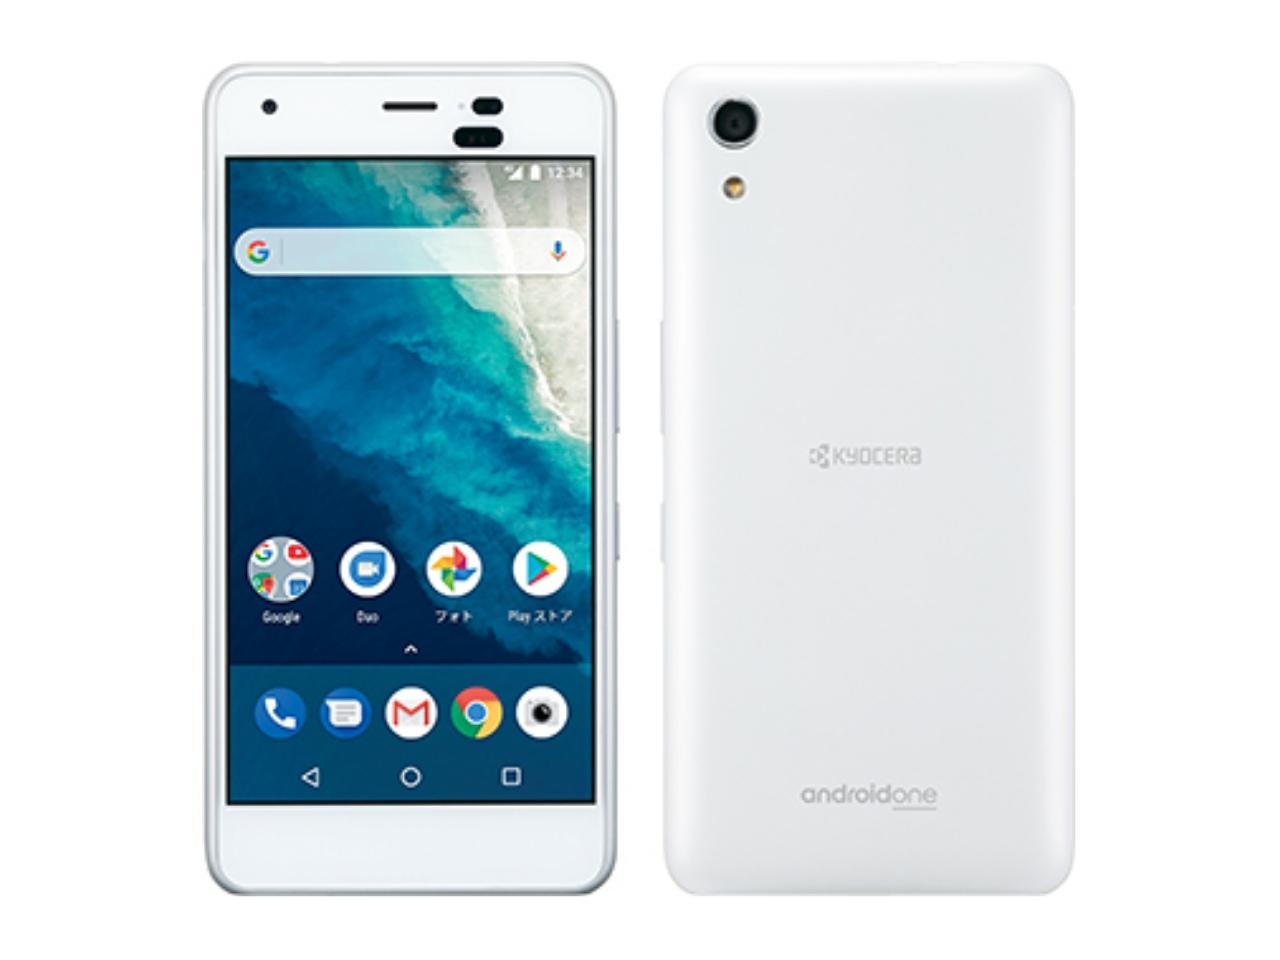 ワイモバイル、AndroidOneスマートフォン「S4」を発売!シンプルで使いやすい